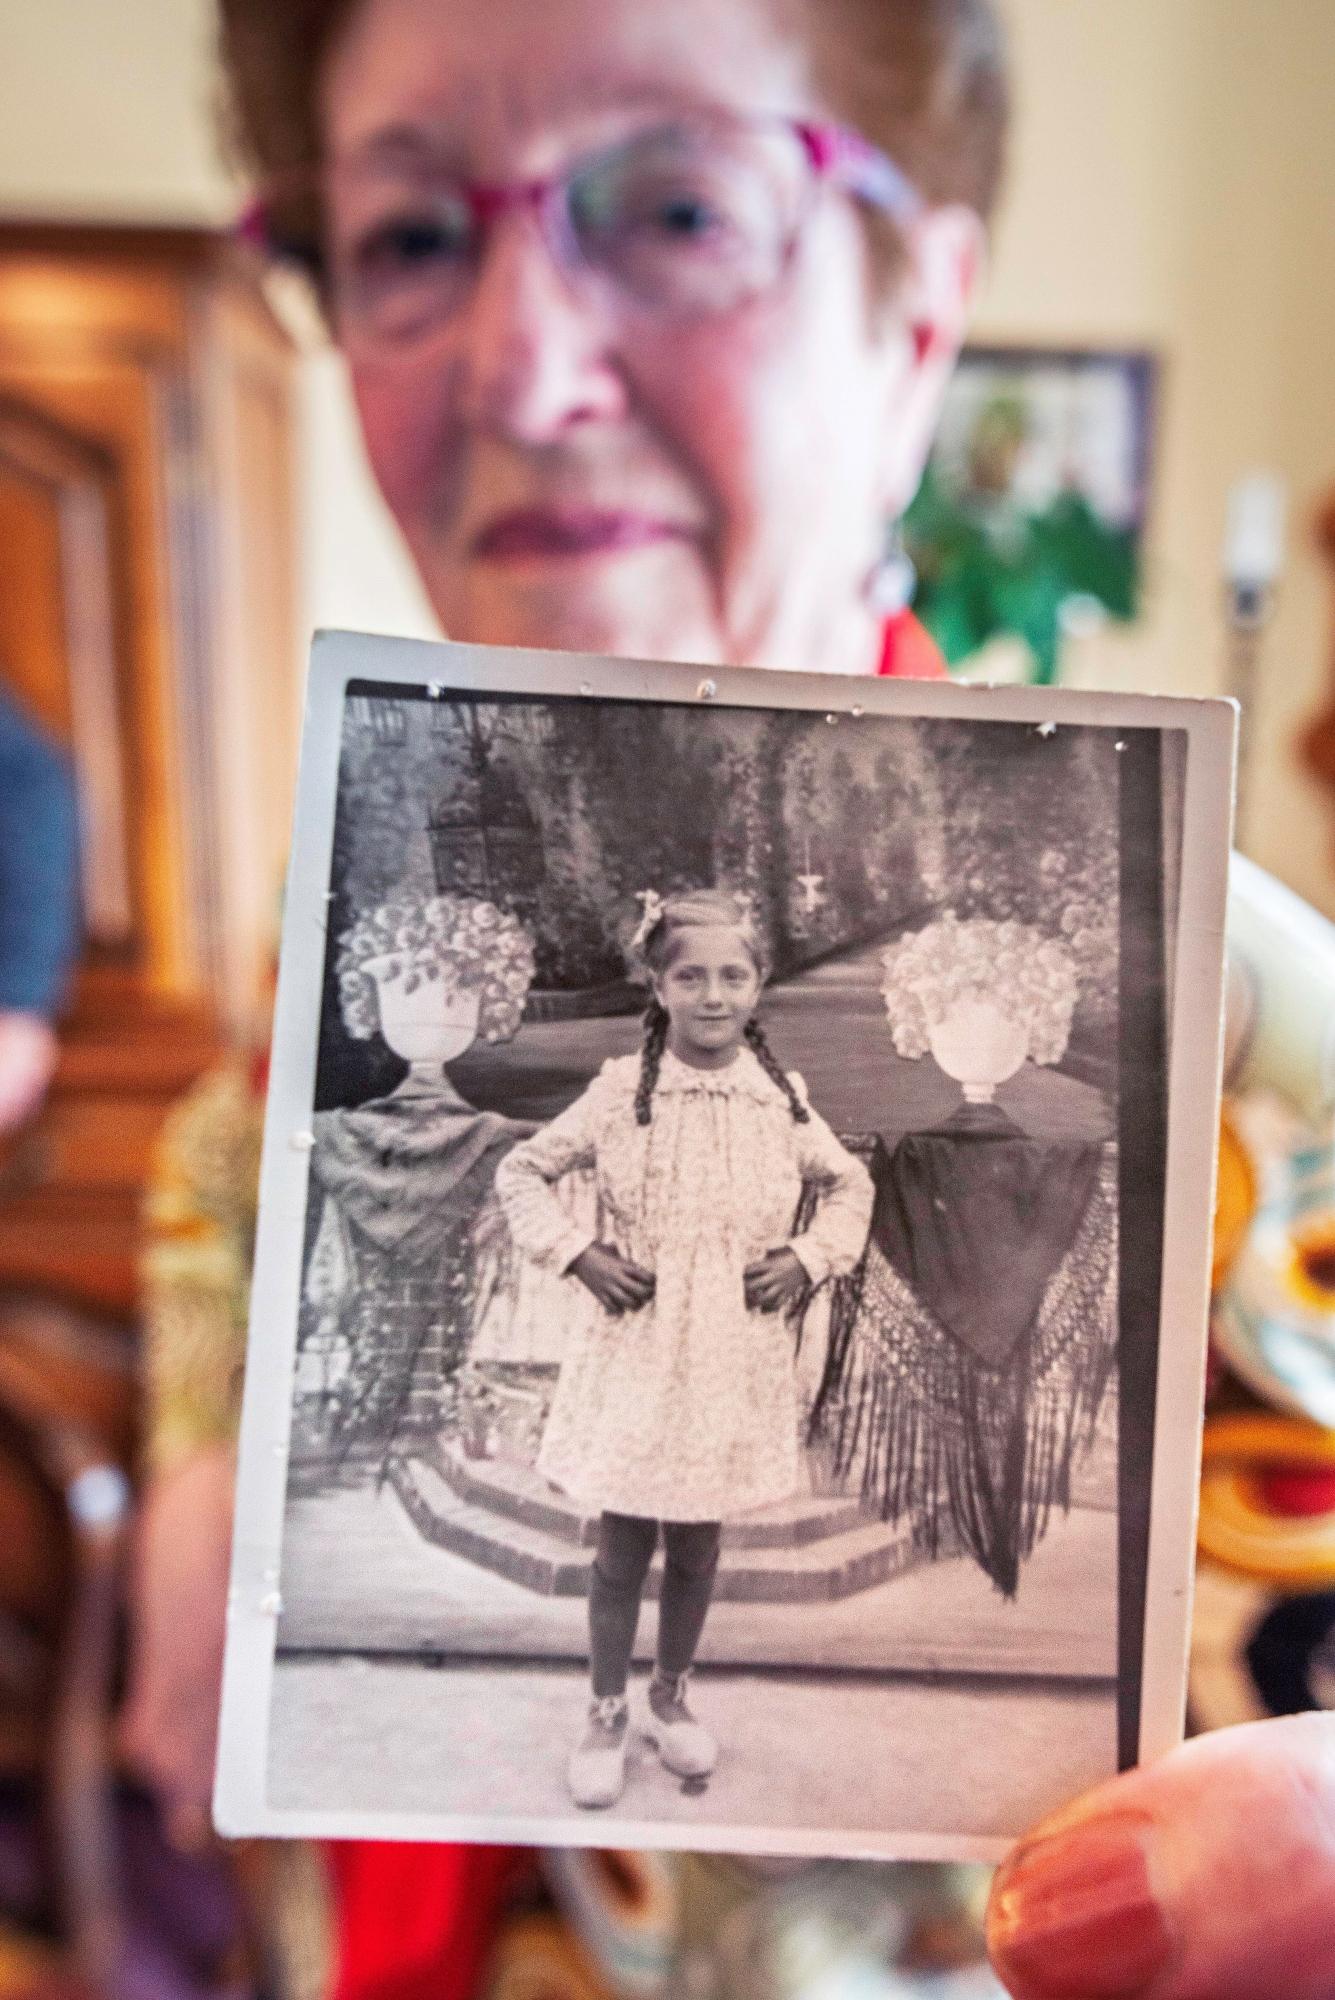 """Paquita González muestra la foto que la hicieron de niña, una de las escasas posesiones que le confiscaron a su padre, Francisco, cuando ingresó en un campo de concentración nazi. (EFE)<br /> """" title=""""Paquita González muestra la foto que la hicieron de niña, una de las escasas posesiones que le confiscaron a su padre, Francisco, cuando ingresó en un campo de concentración nazi. (<span class="""